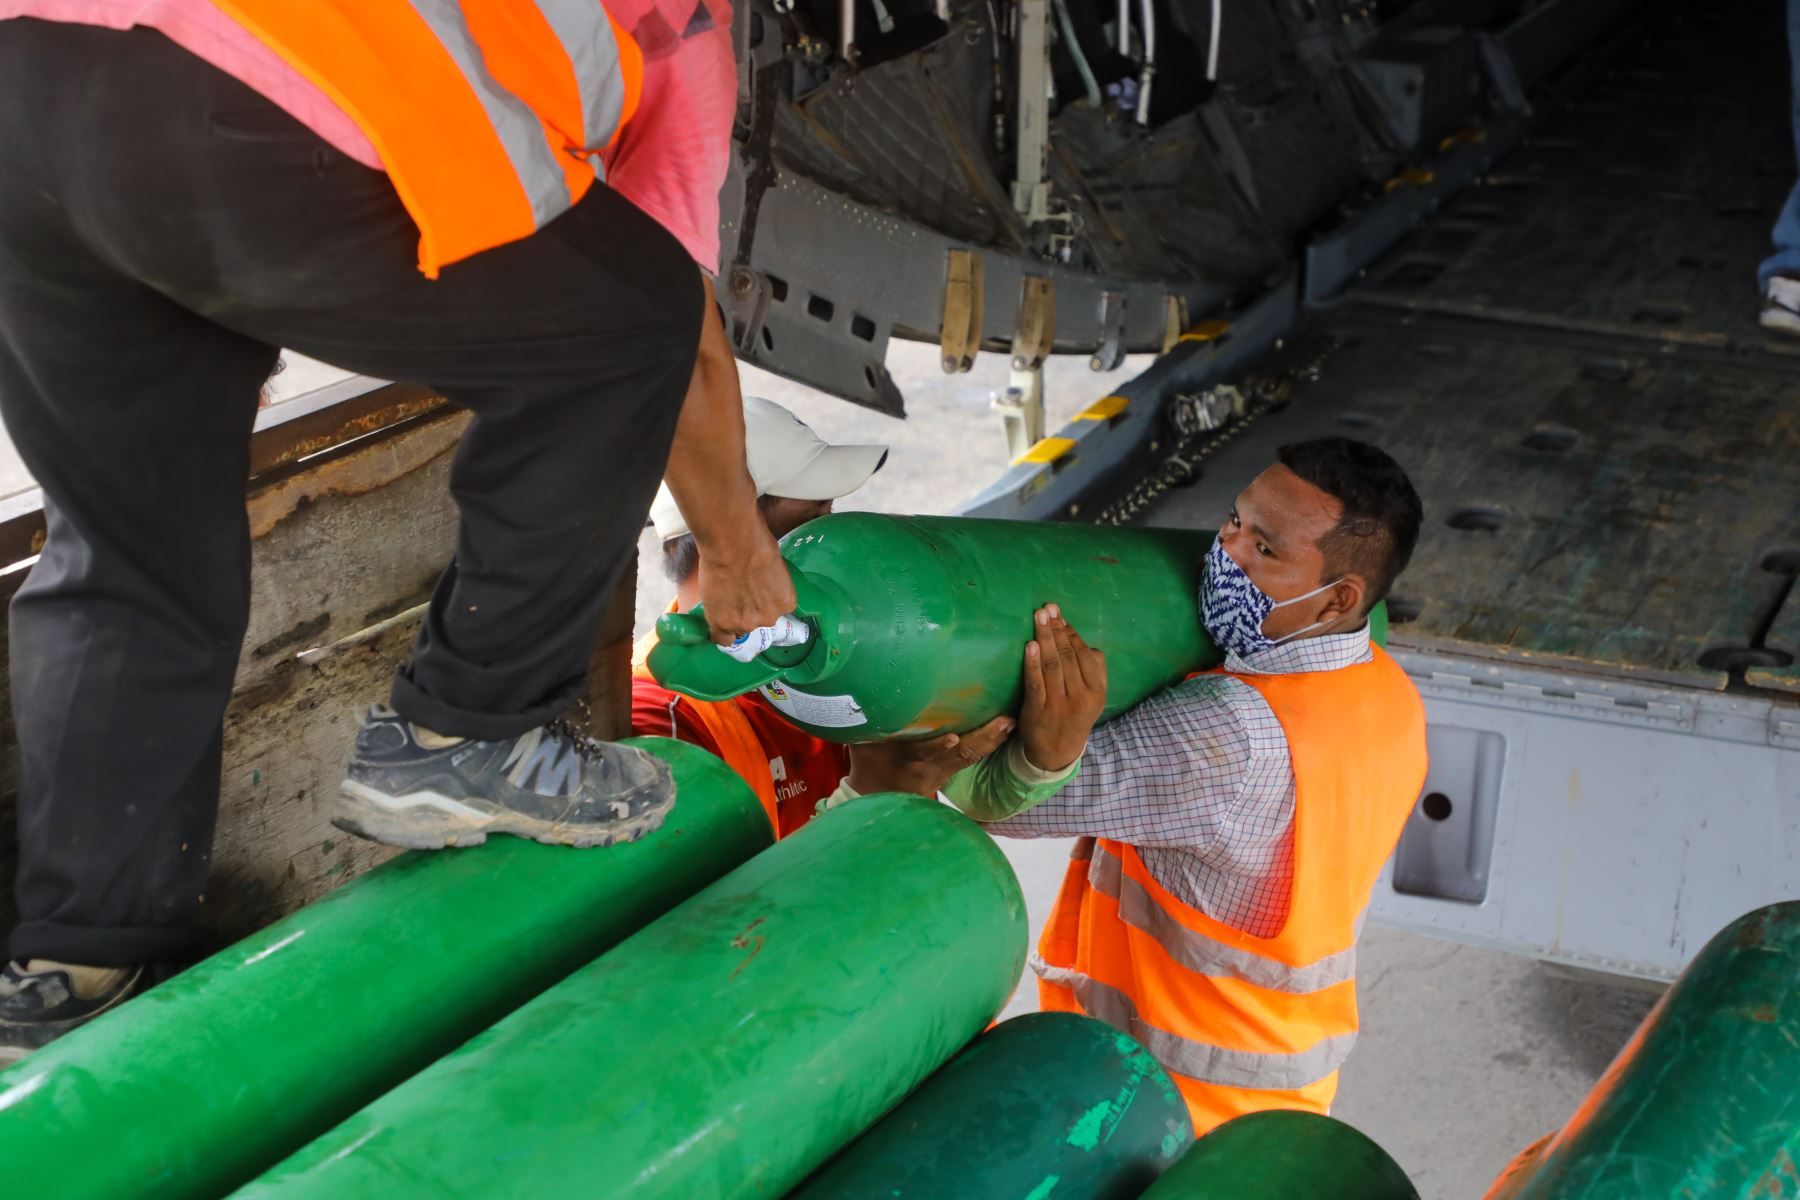 Ministra de la Producción, Rocío Barrios llega a la ciudad de Yurimaguas junto a la Dra. Zulema Tomas del Minsa y el congresista Leonardo Inga Gobierno trasladando 4 toneladas de material médico y medicinas a Loreto Foto:Produce